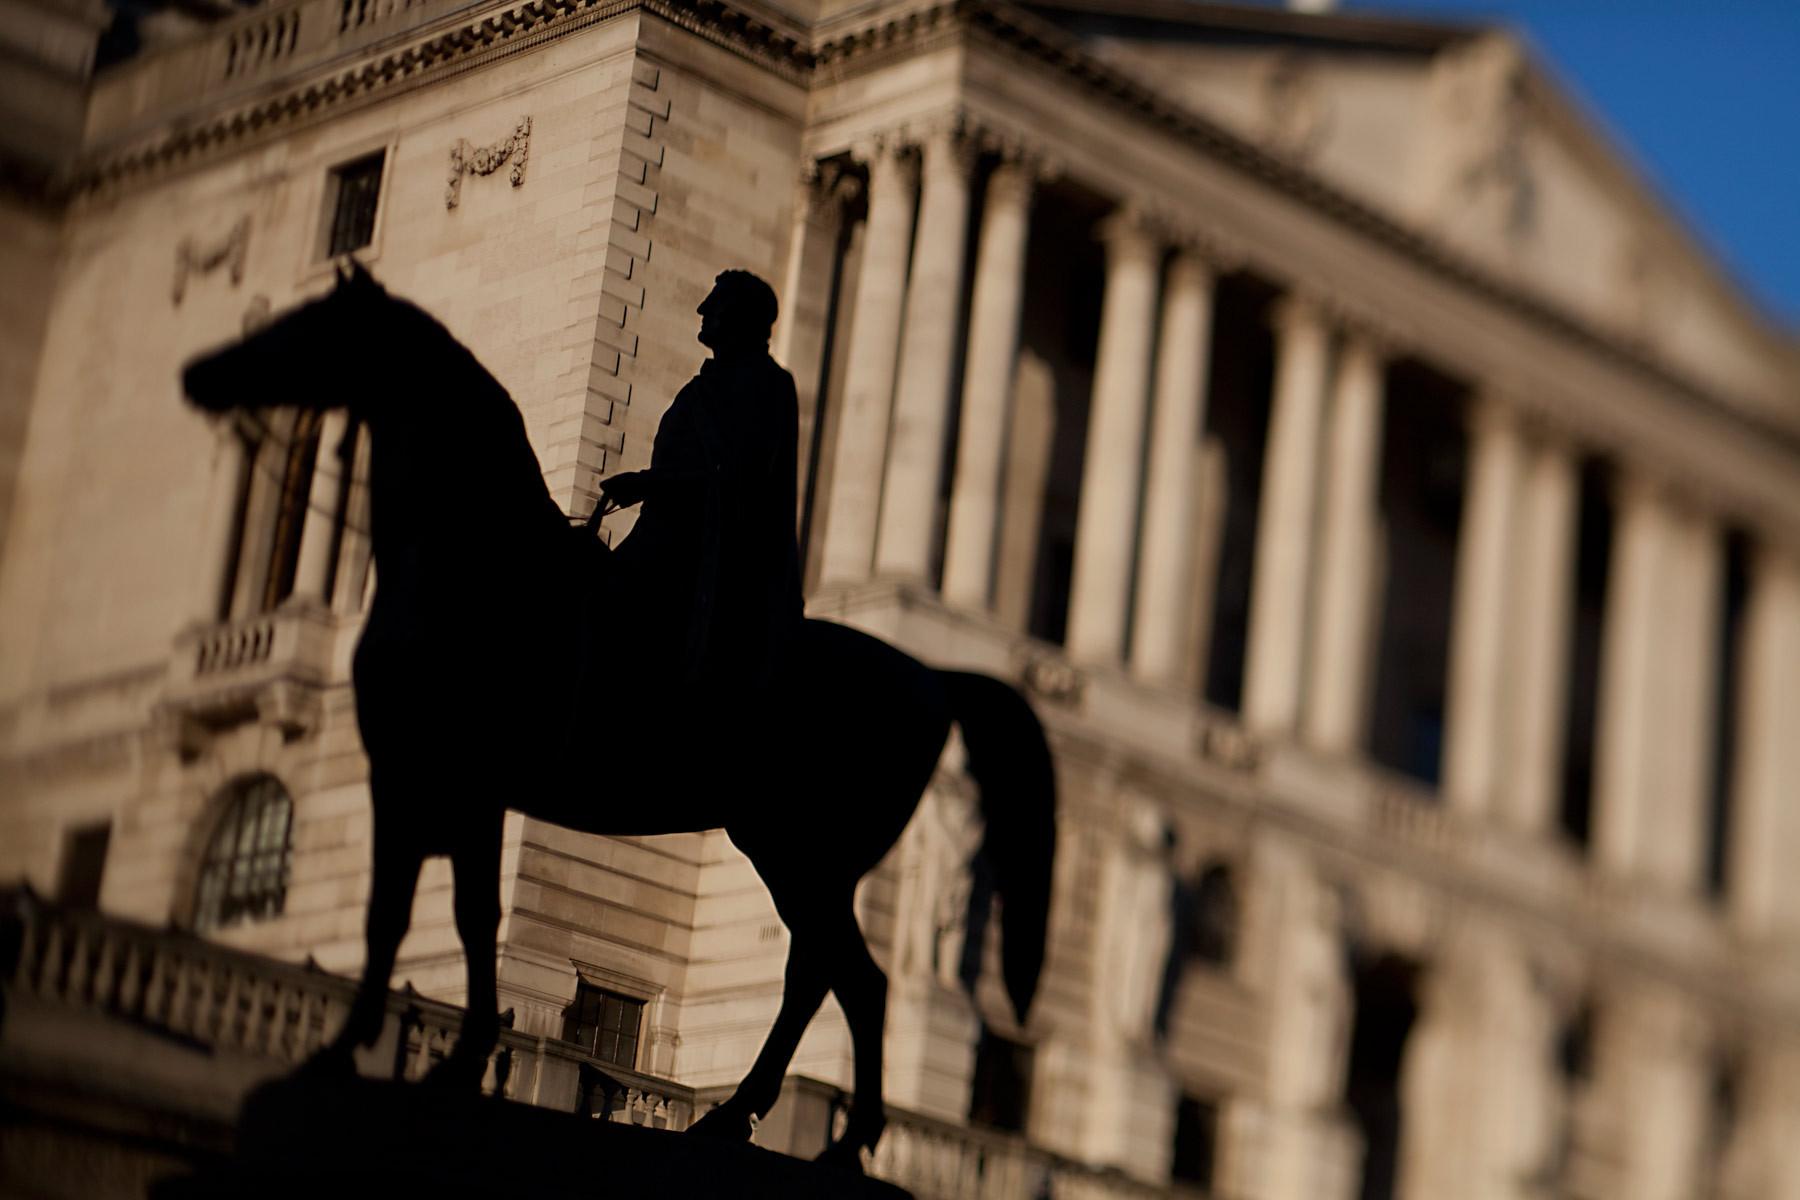 بنك إنجلترا يبقي على الفائدة عند 0.50% كالمتوقع